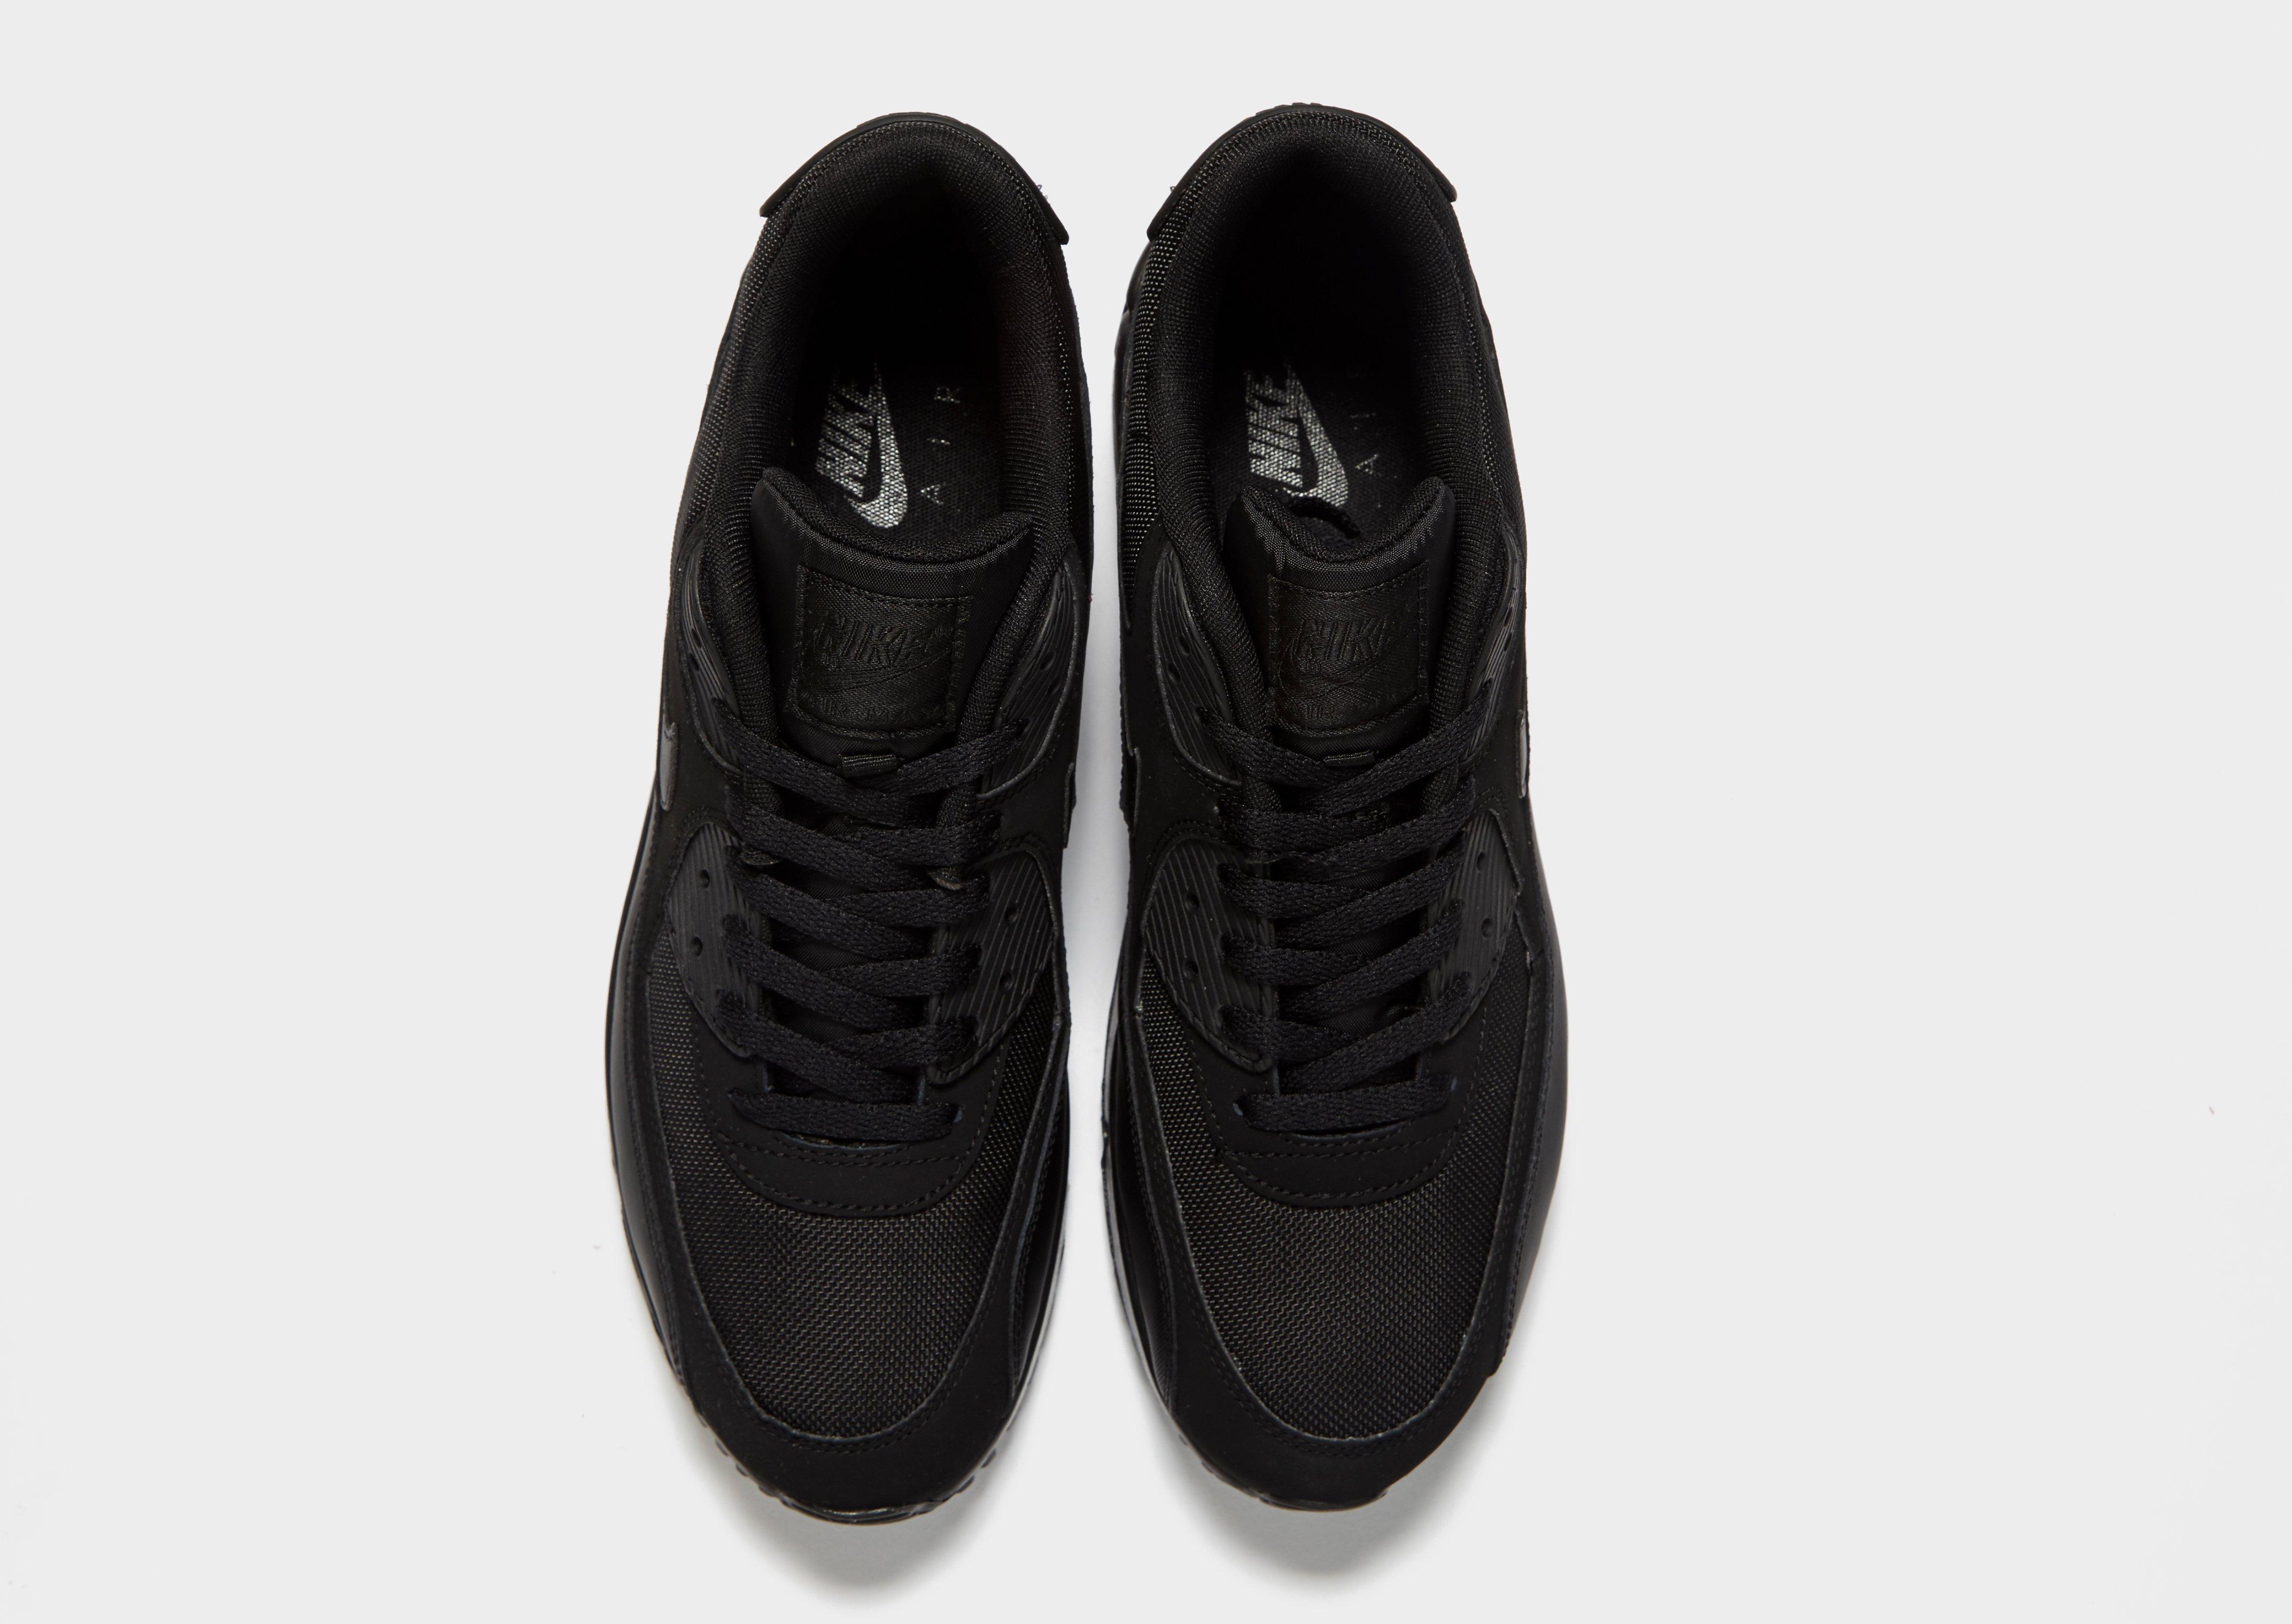 9e37568b8954 air max mile The Nike Air Max 2017 iD Running Shoe ...